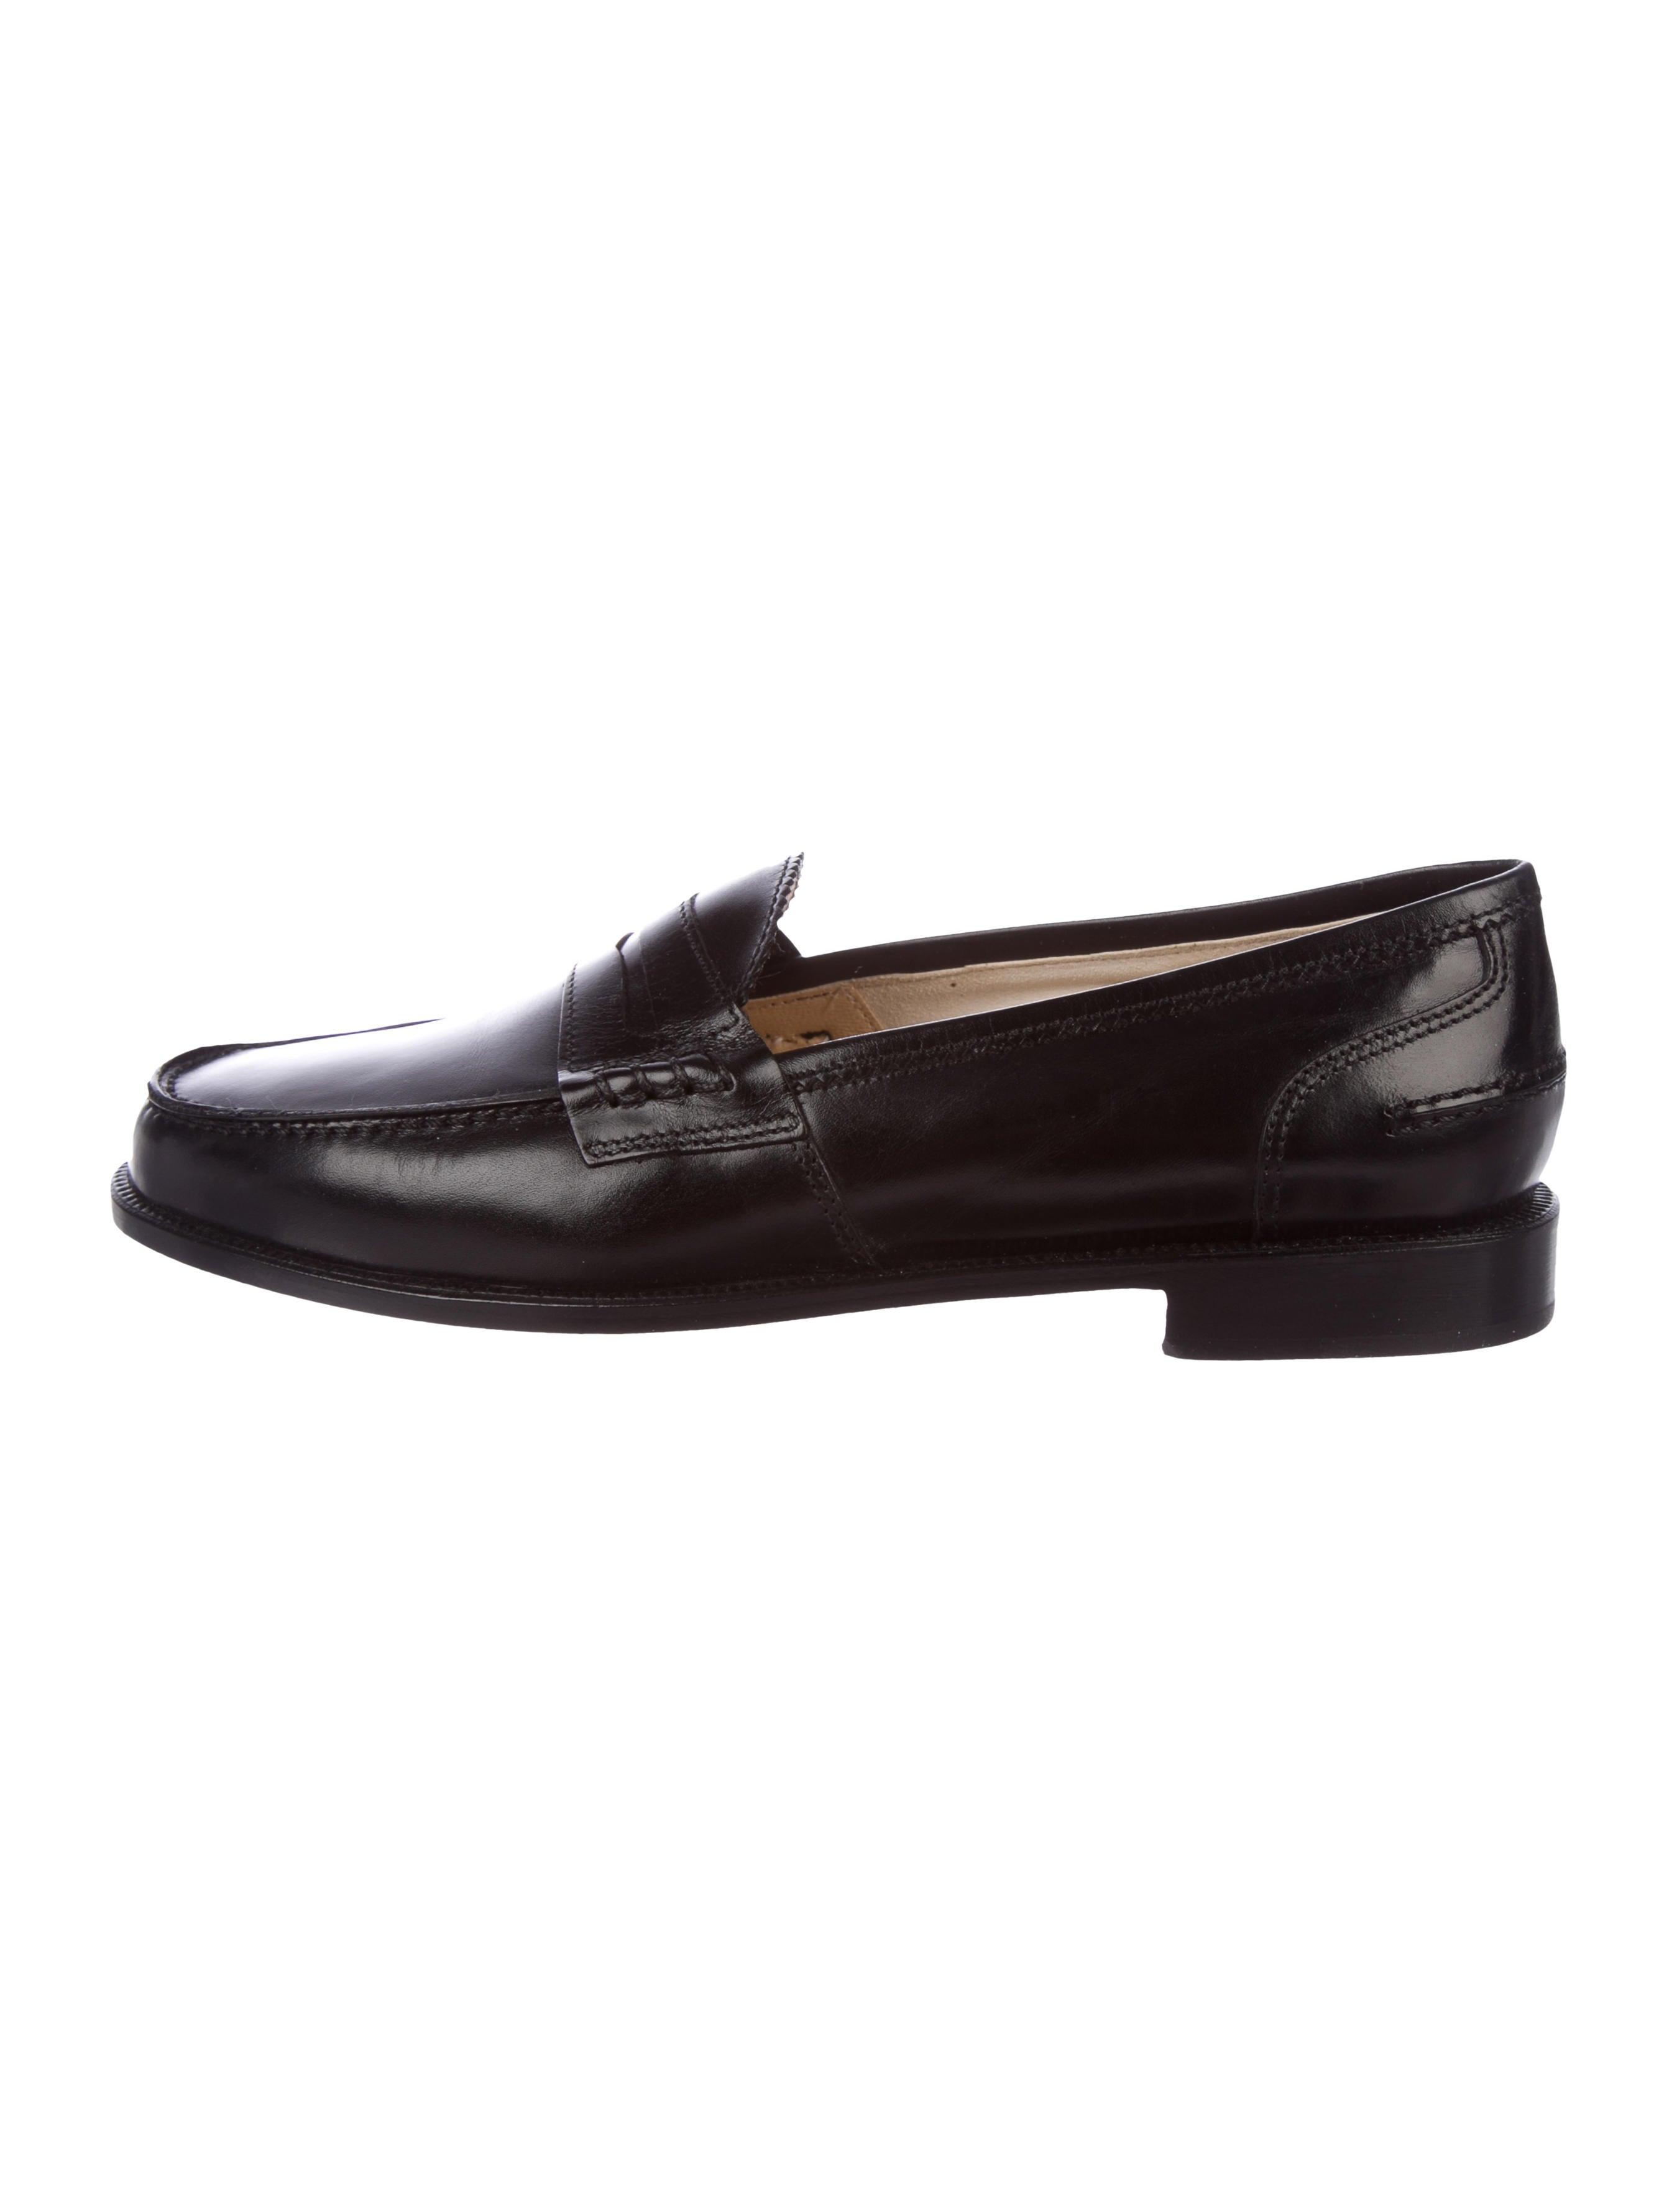 49e9424b899 Manolo Blahnik Ellen Leather Loafers - Shoes - MOO82000